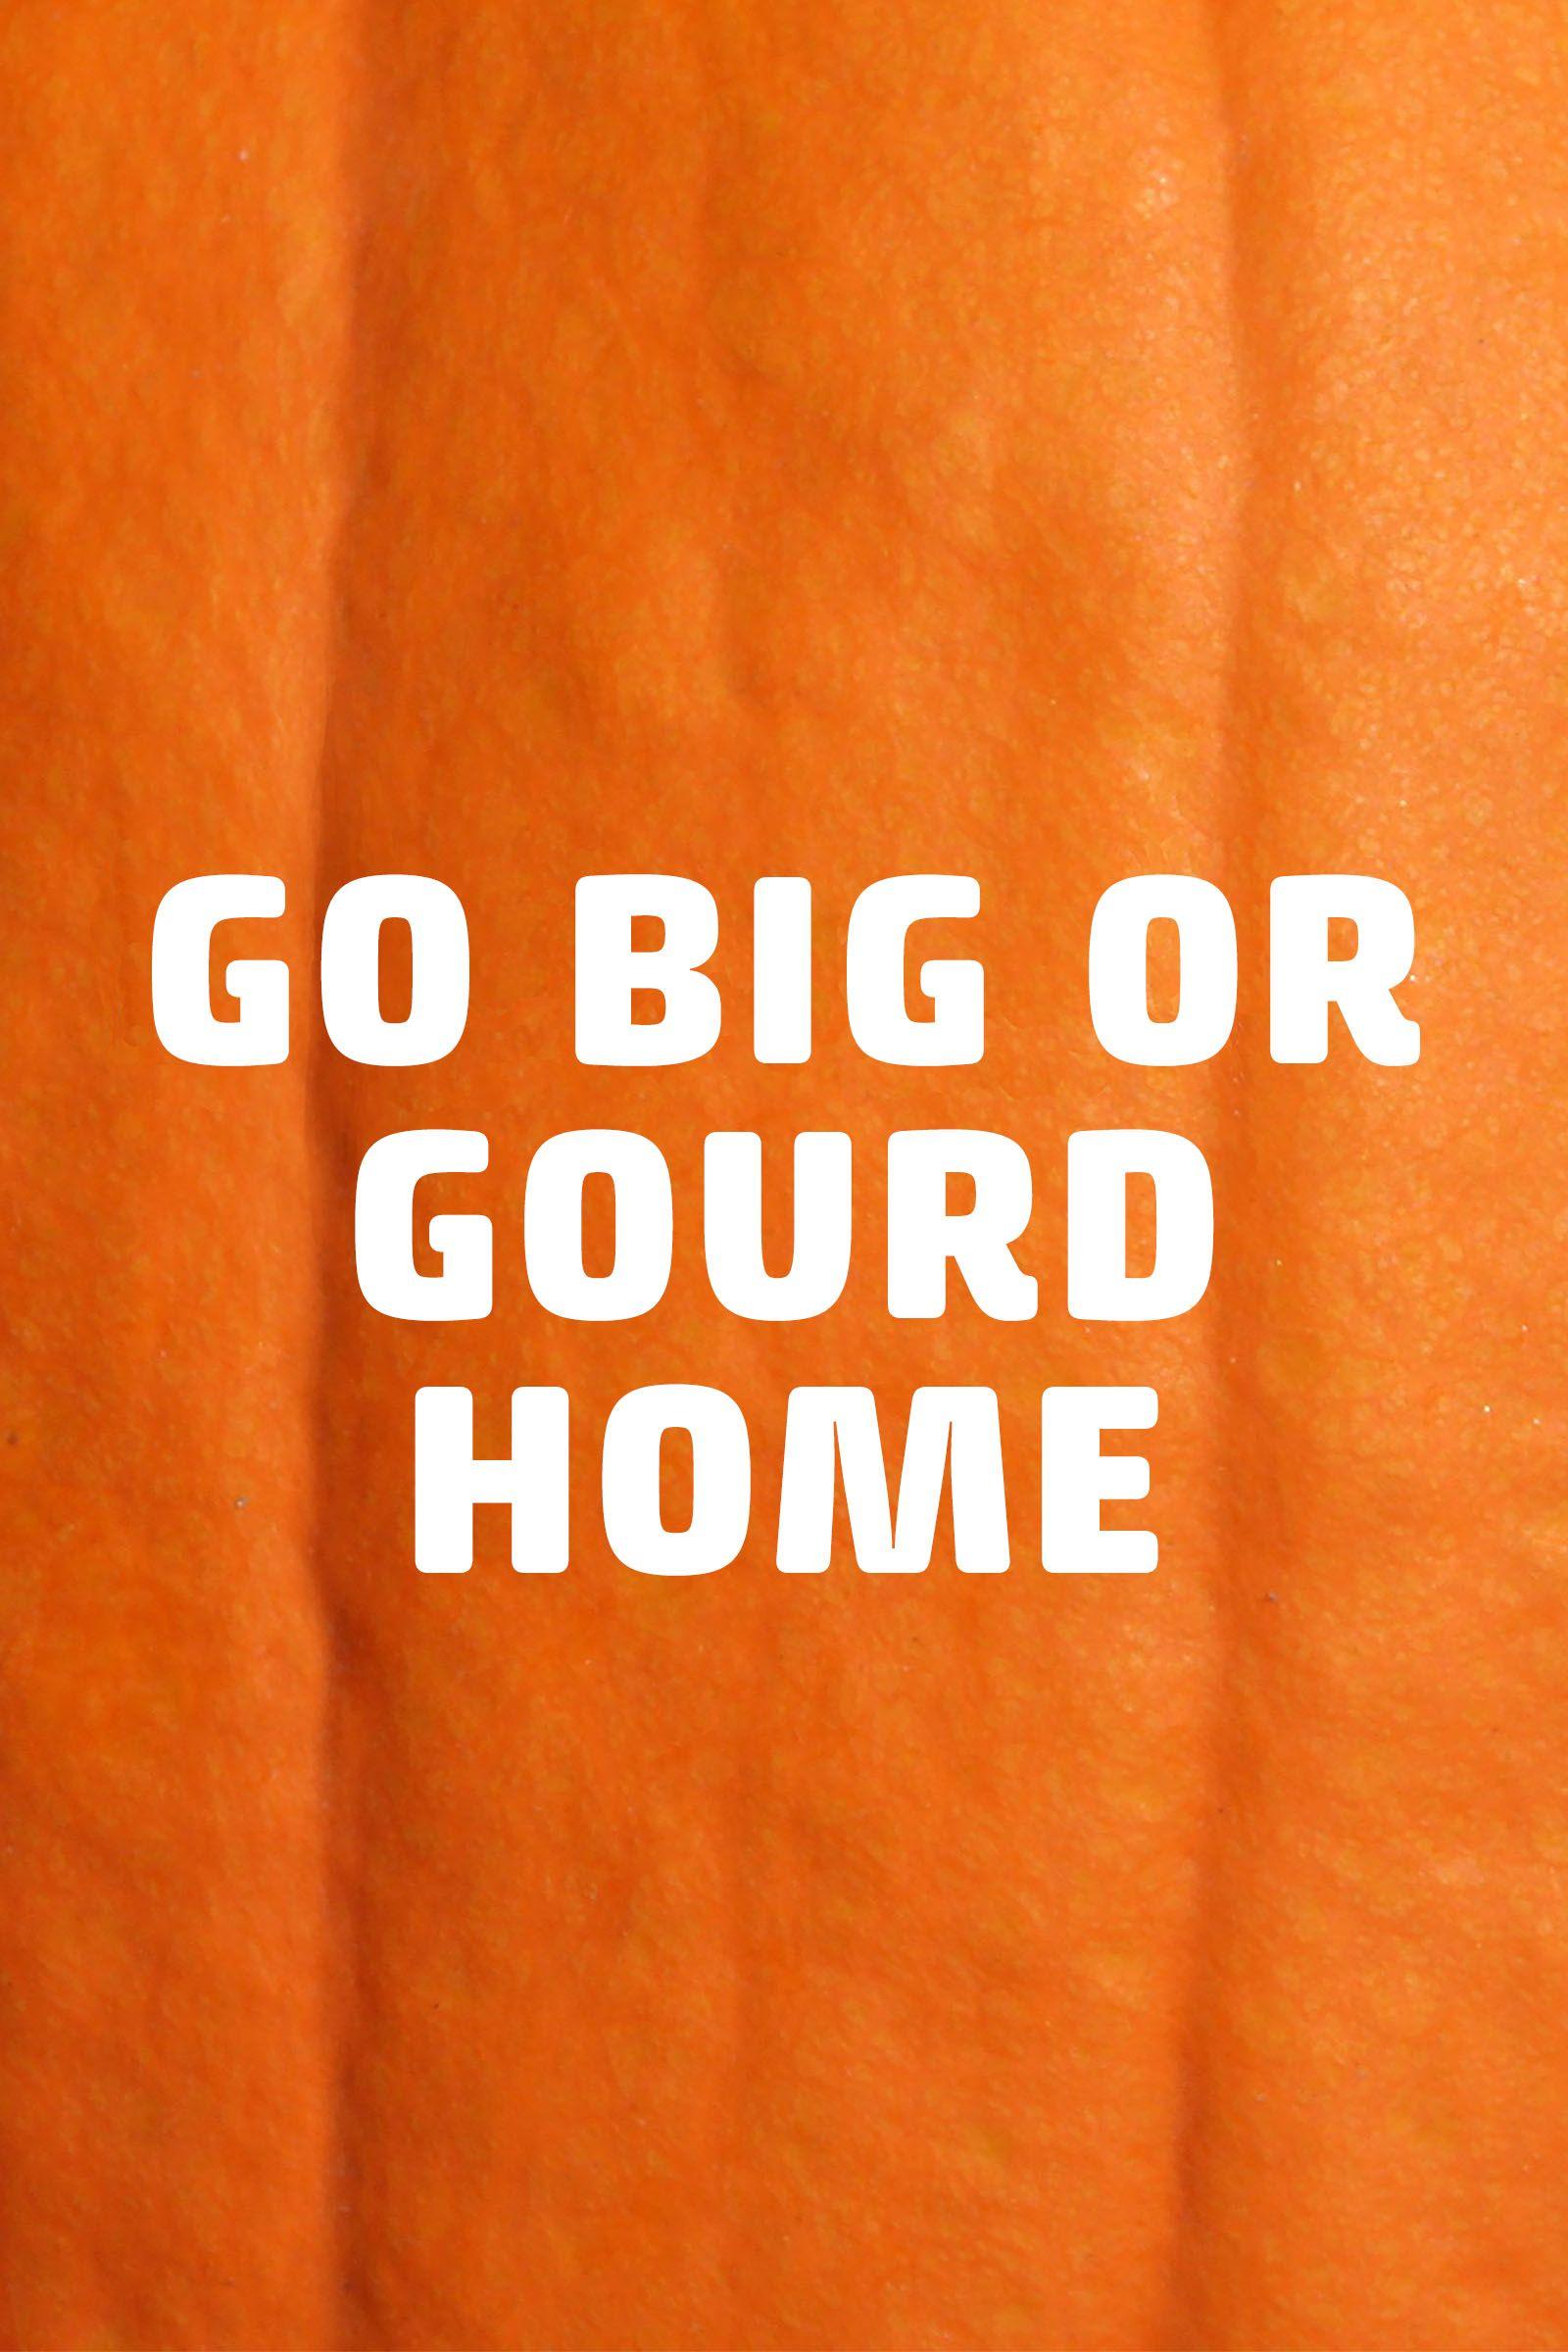 pumpkin puns go big or gourd home